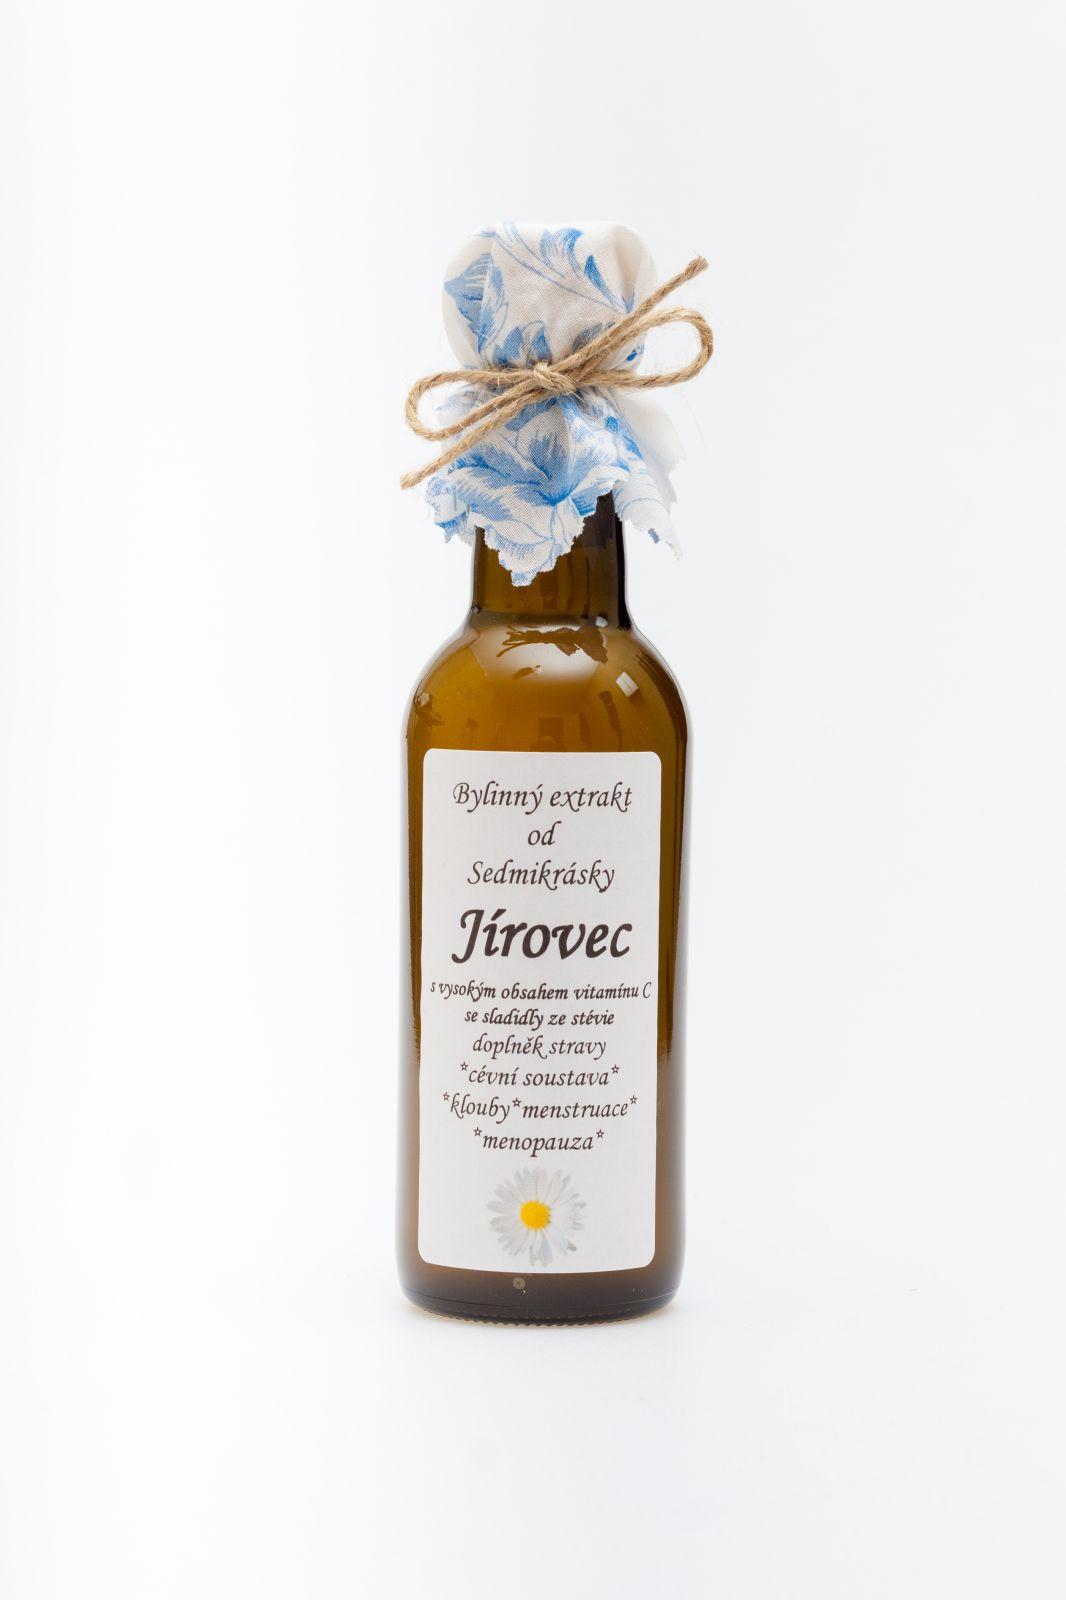 Sedmikráska bylinný extrakt Jírovec 250ml cévní soustava, antioxidant, klouby, menstruace a menopauza doplňek stravy Rodinná farma Sedmikráska